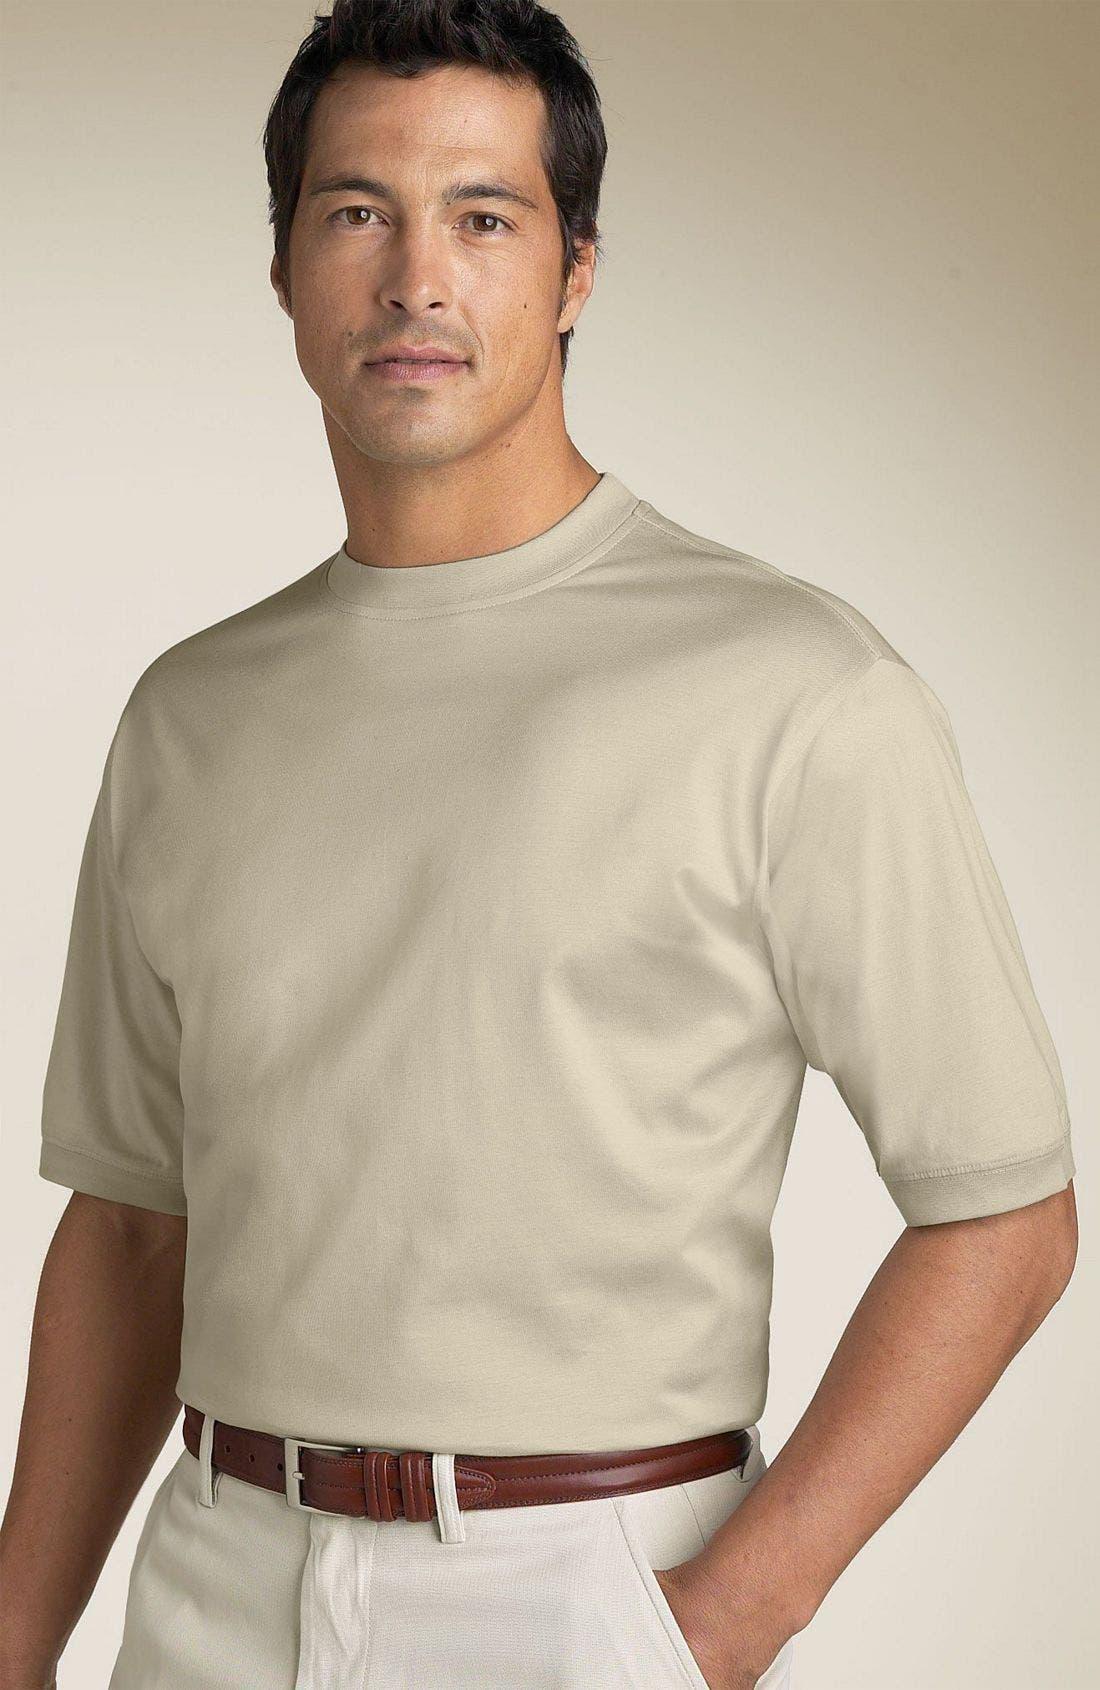 Main Image - Tricots St. Raphael® Mercerized Cotton T-Shirt